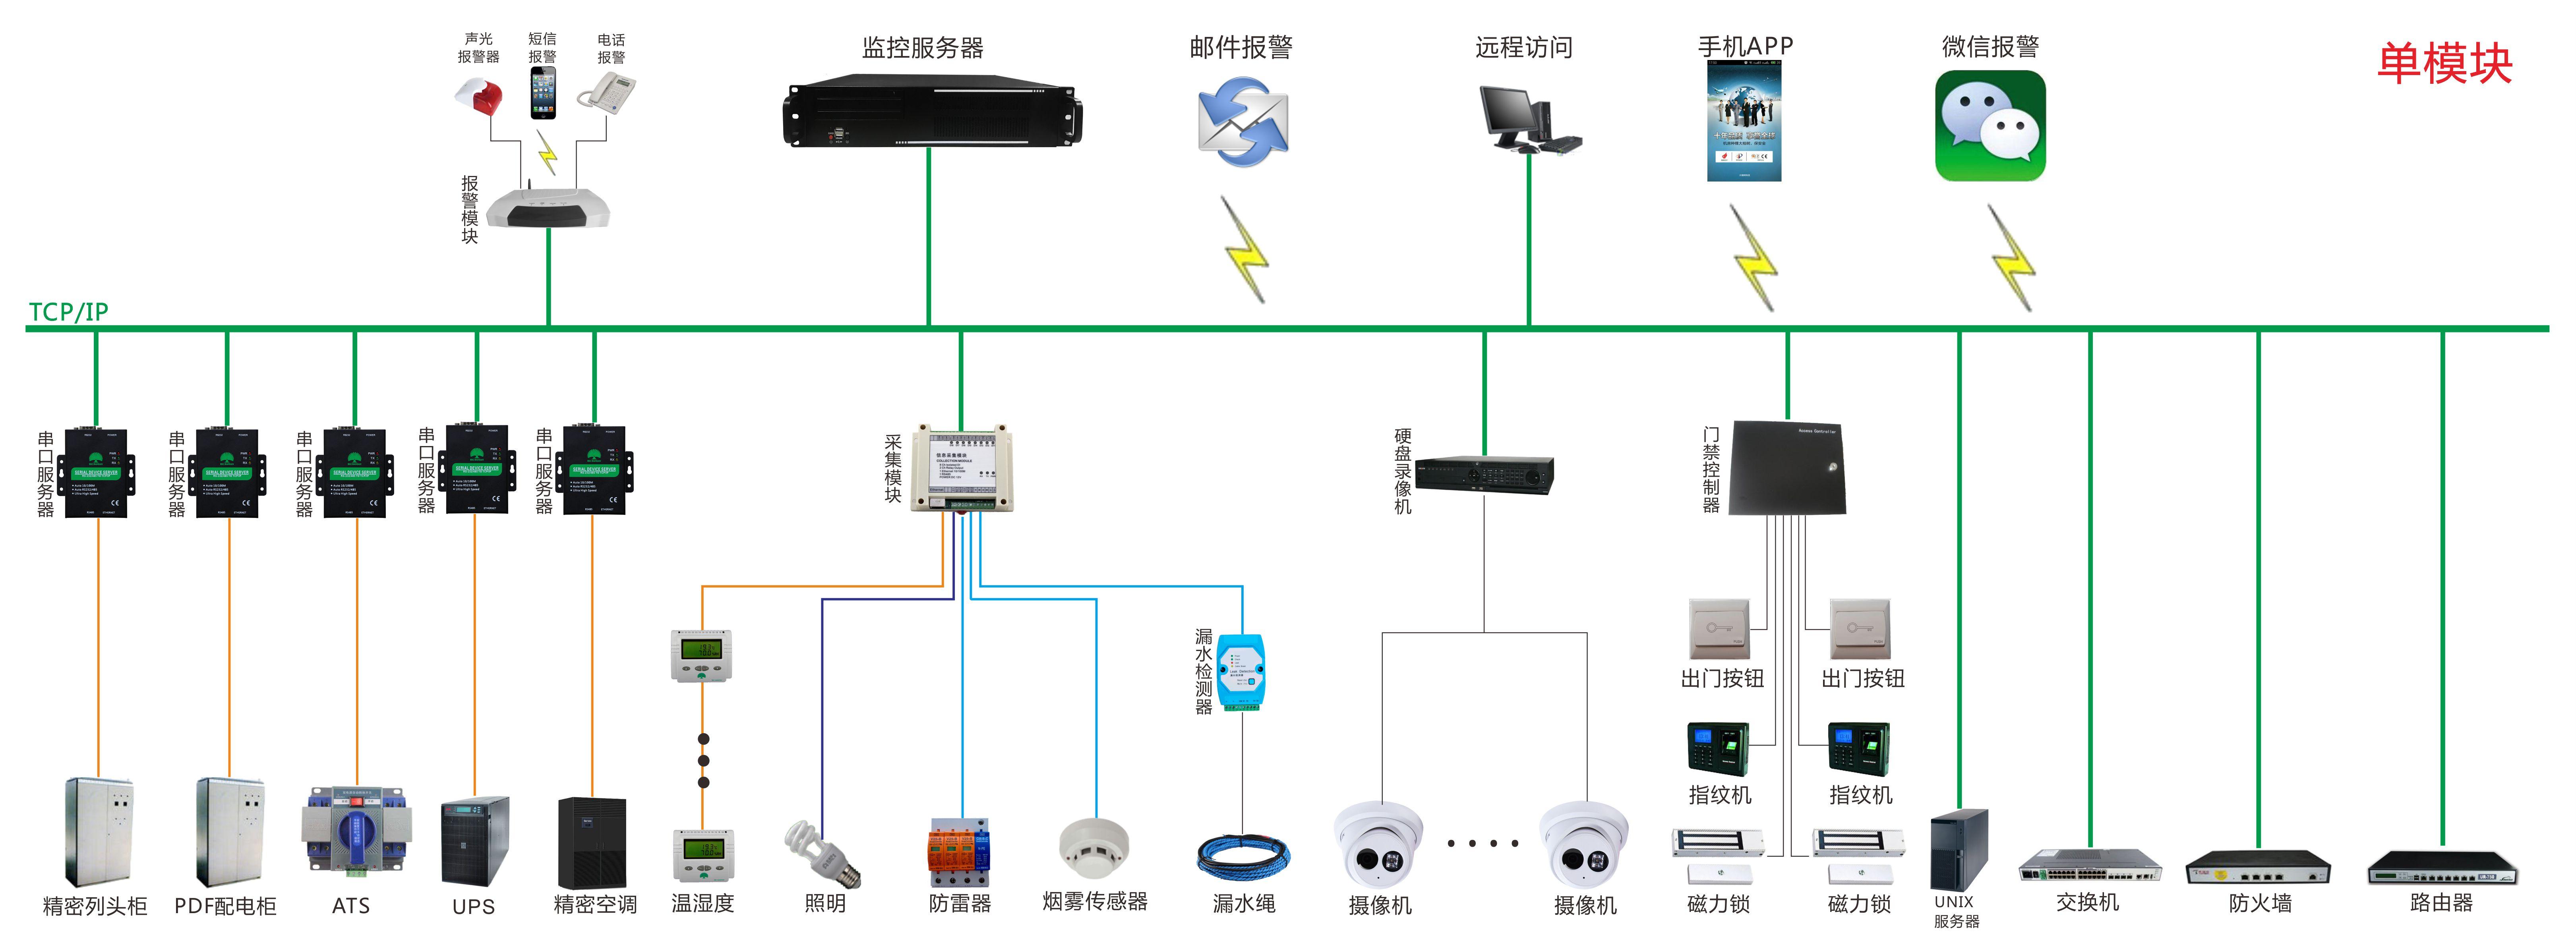 单模块系统图